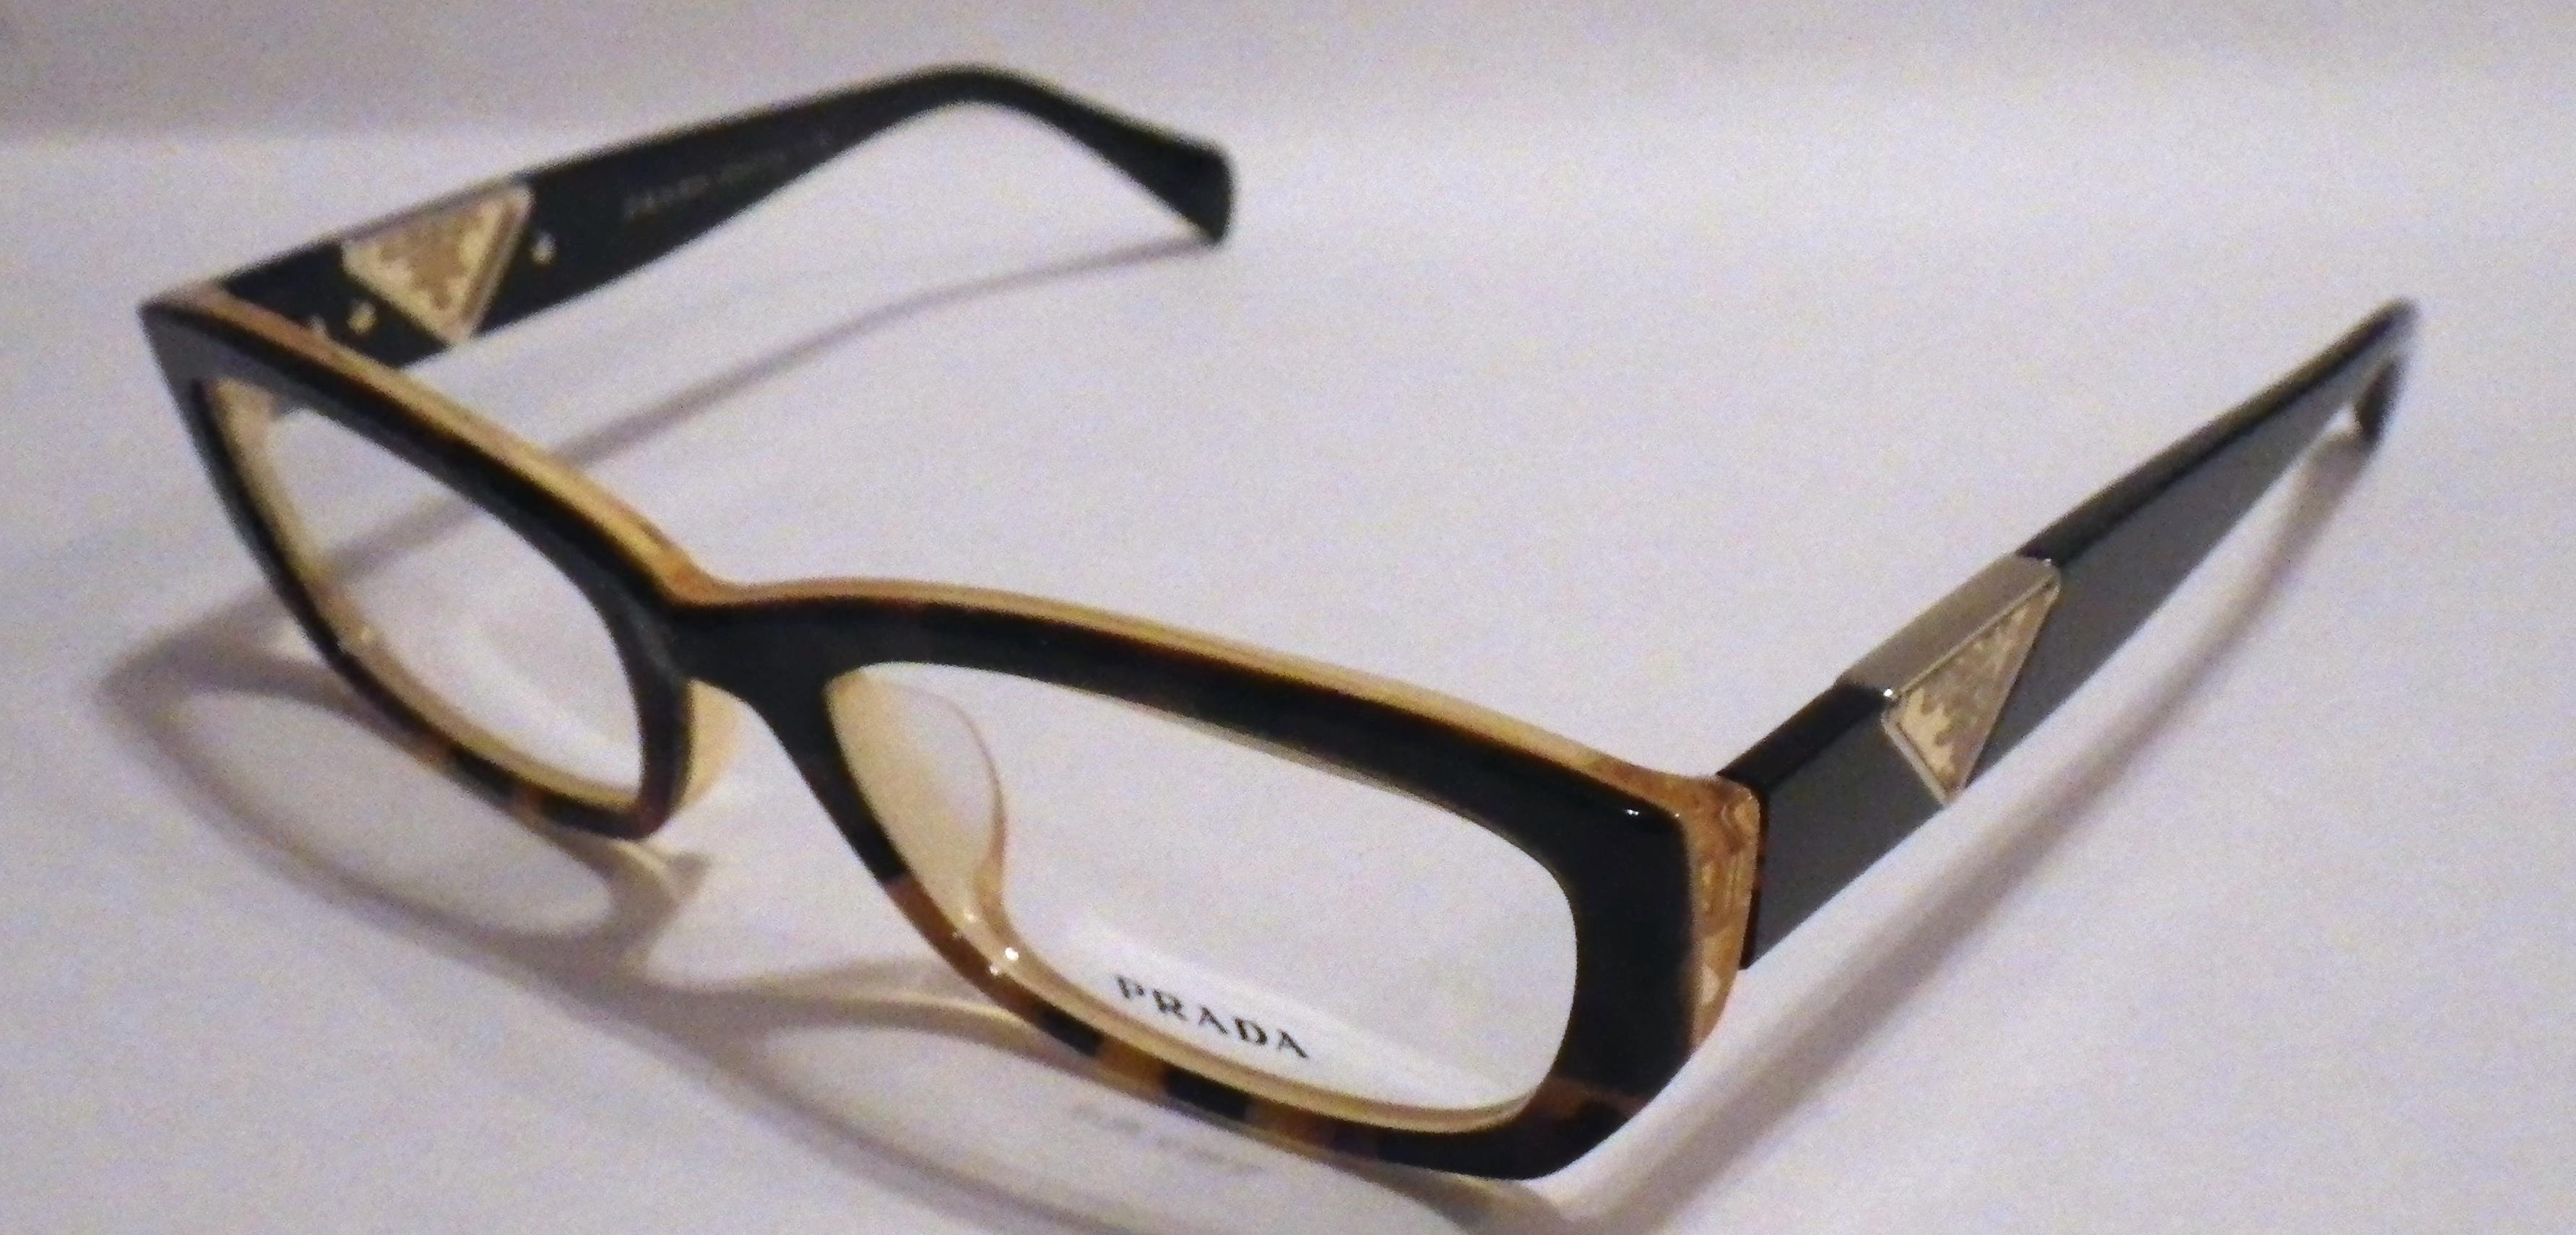 14664c999b4b ... sale new unisex prada vpr 100a glasses retail 259 641a5 ce7af